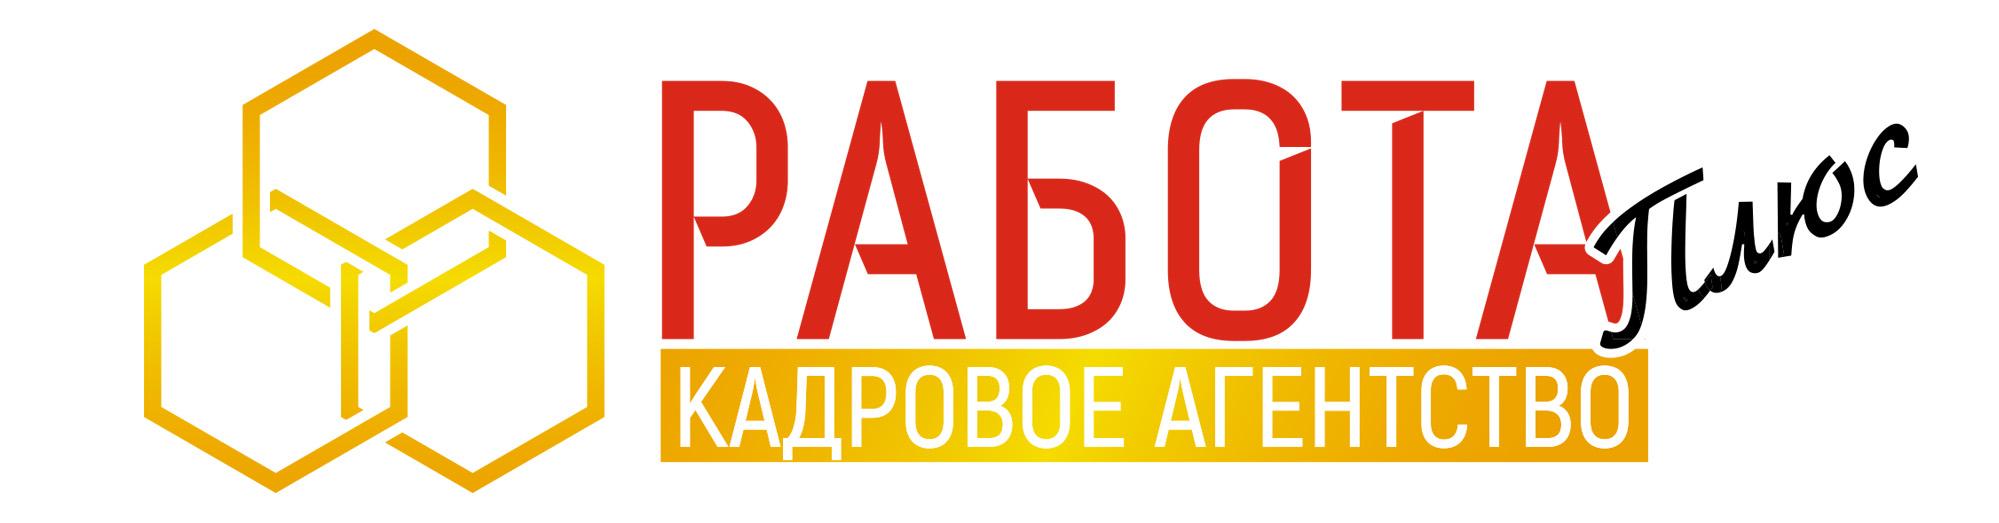 Логотип кадровое агенство работа плюс